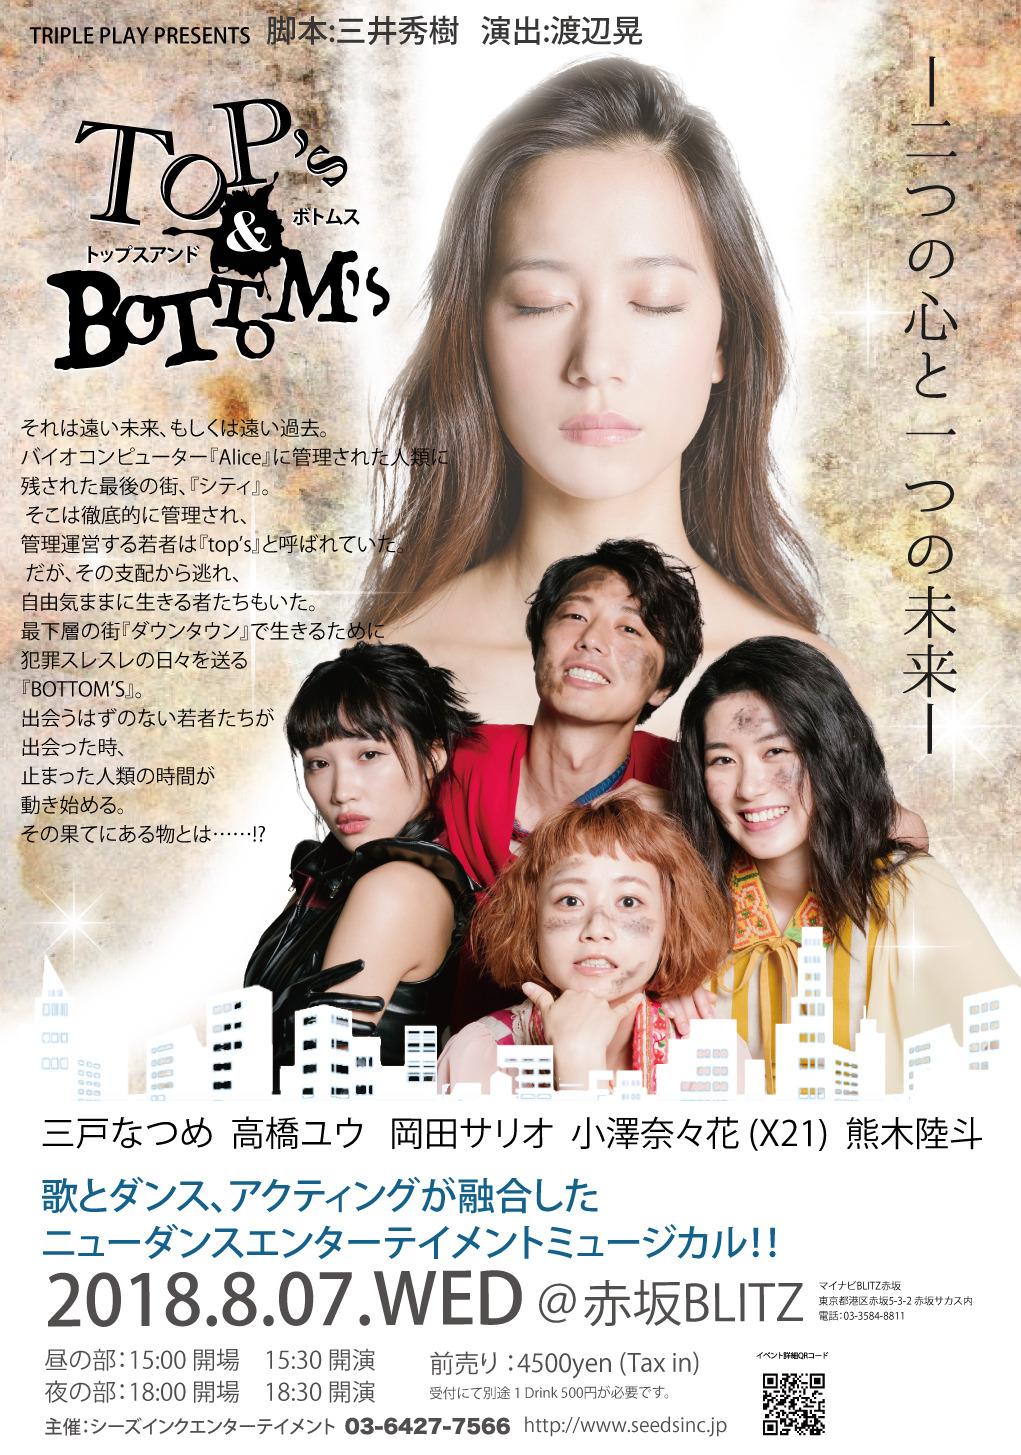 ダンスエンターテイメントミュージカル『TOP's & BOTTOM's』【三戸なつめ】